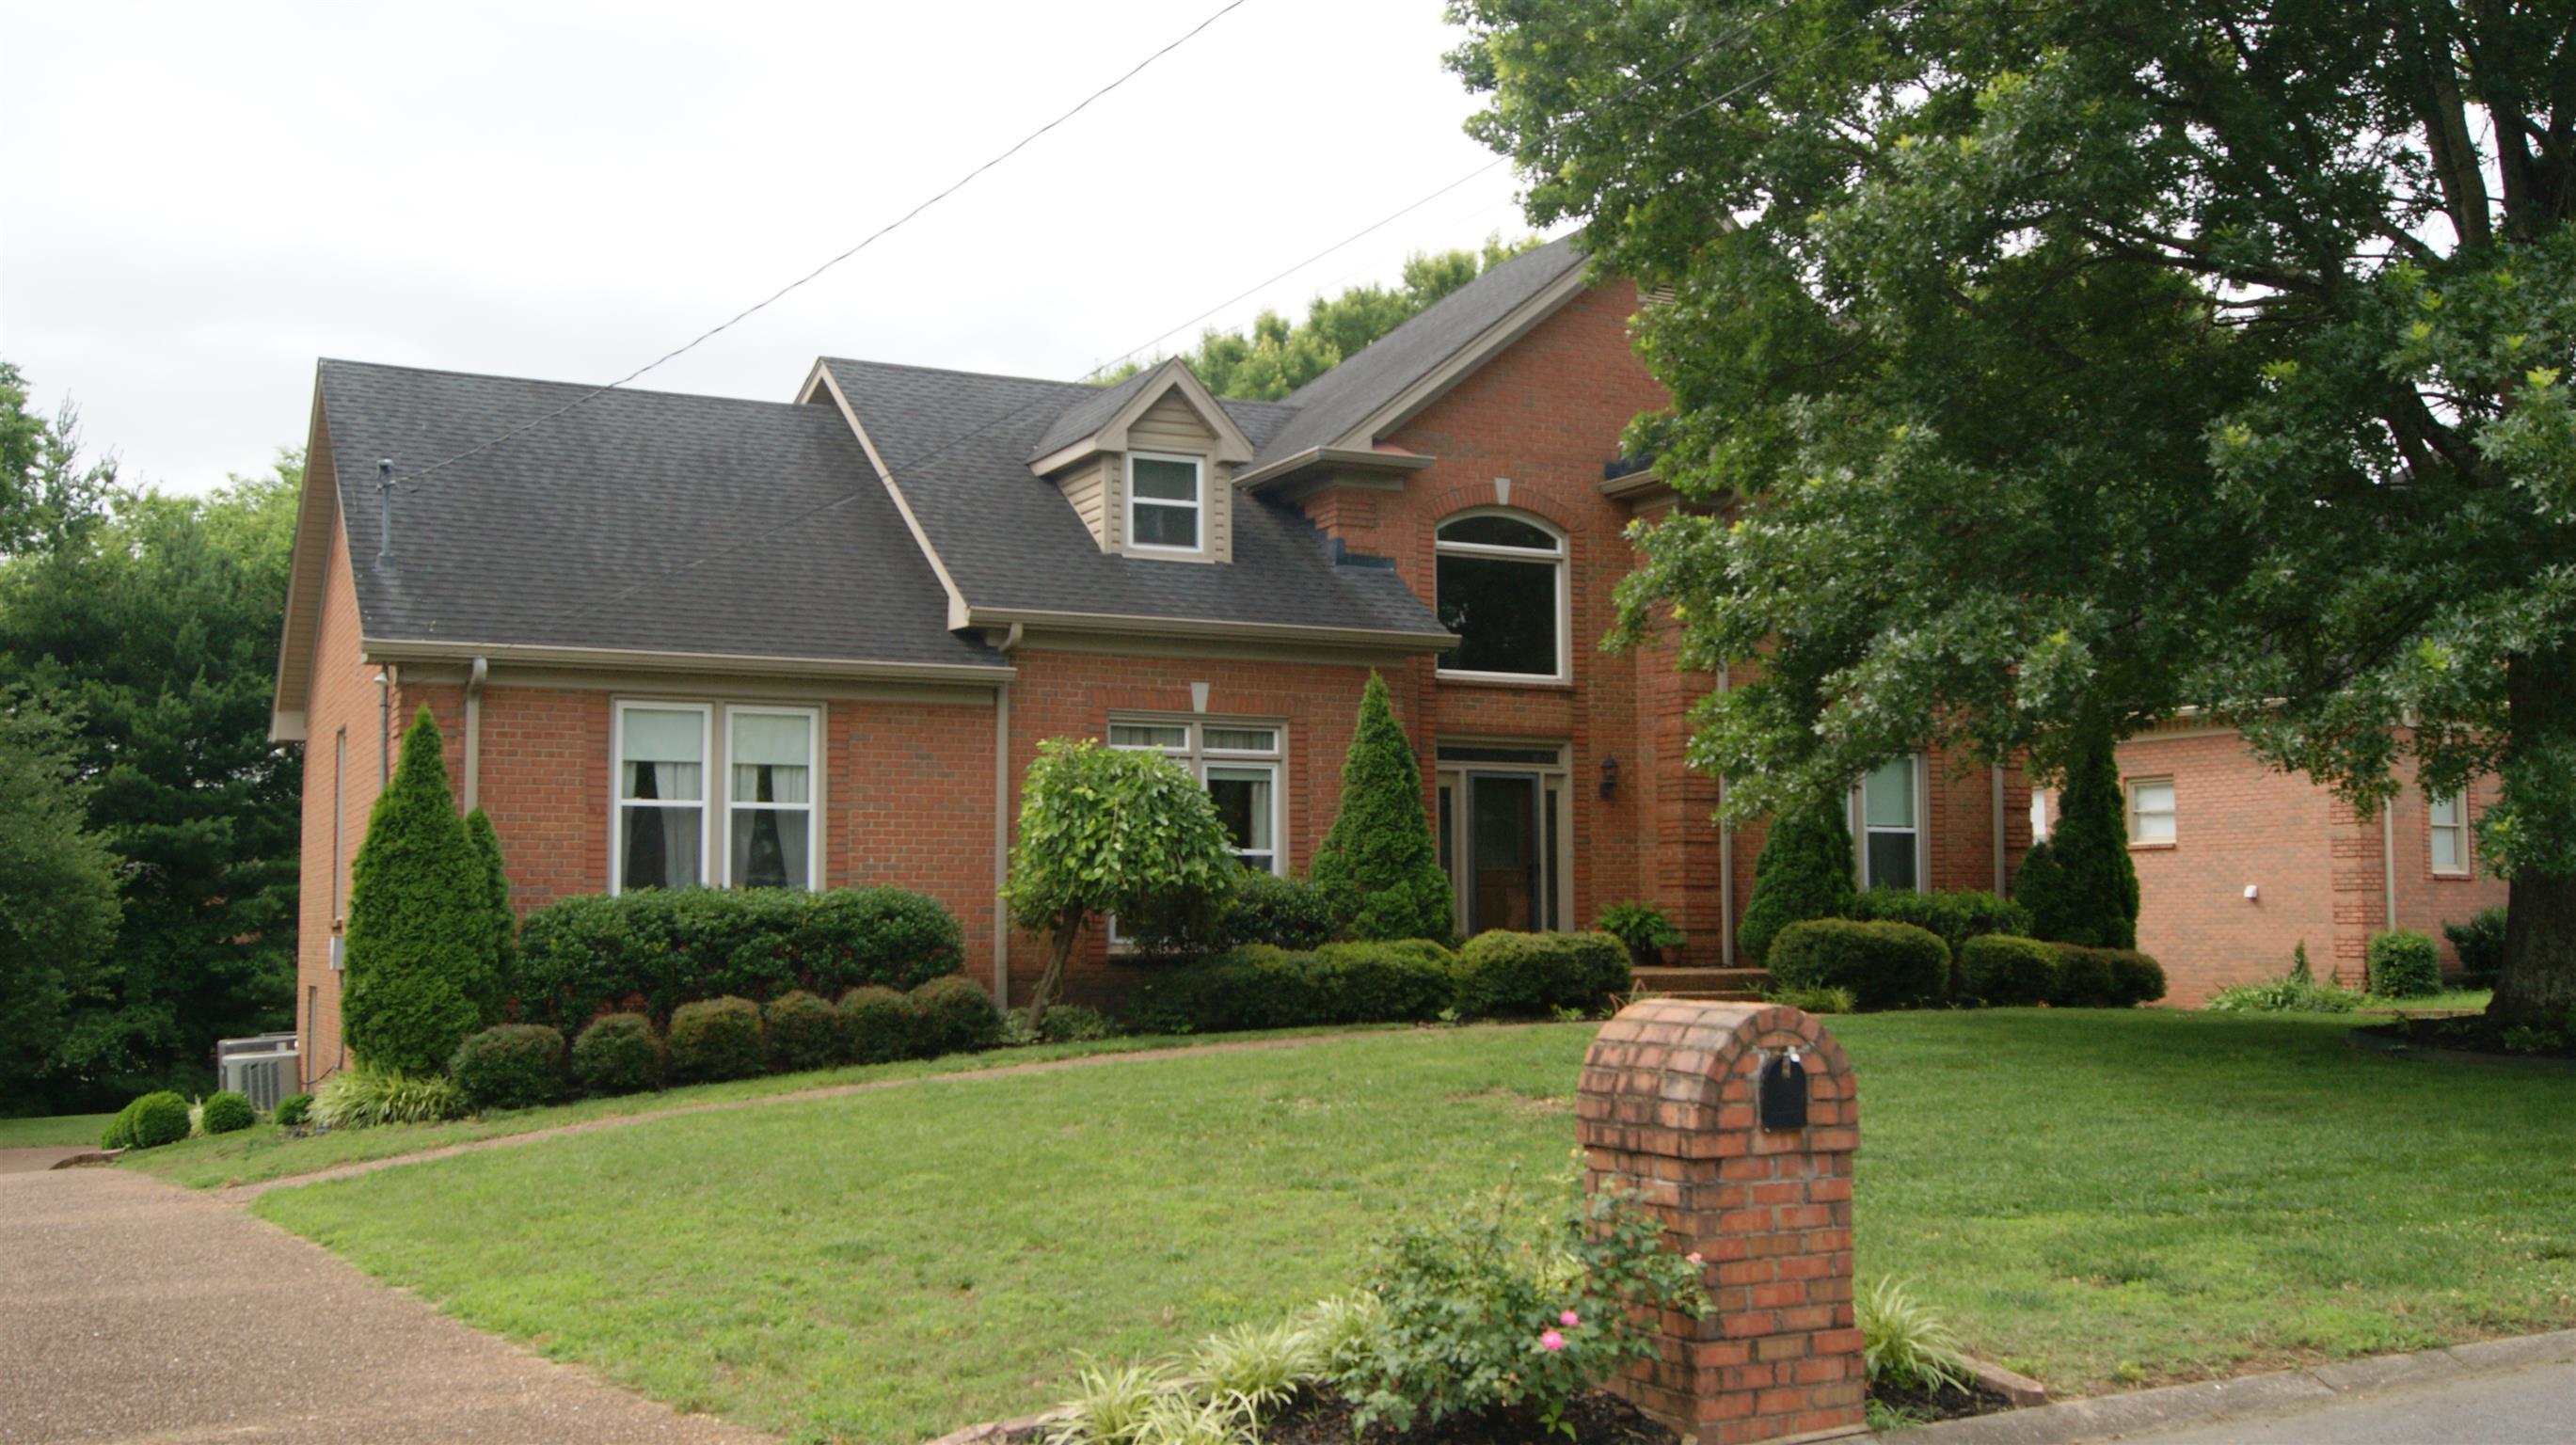 112 Ballentrae Dr, Hendersonville, TN 37075 - Hendersonville, TN real estate listing